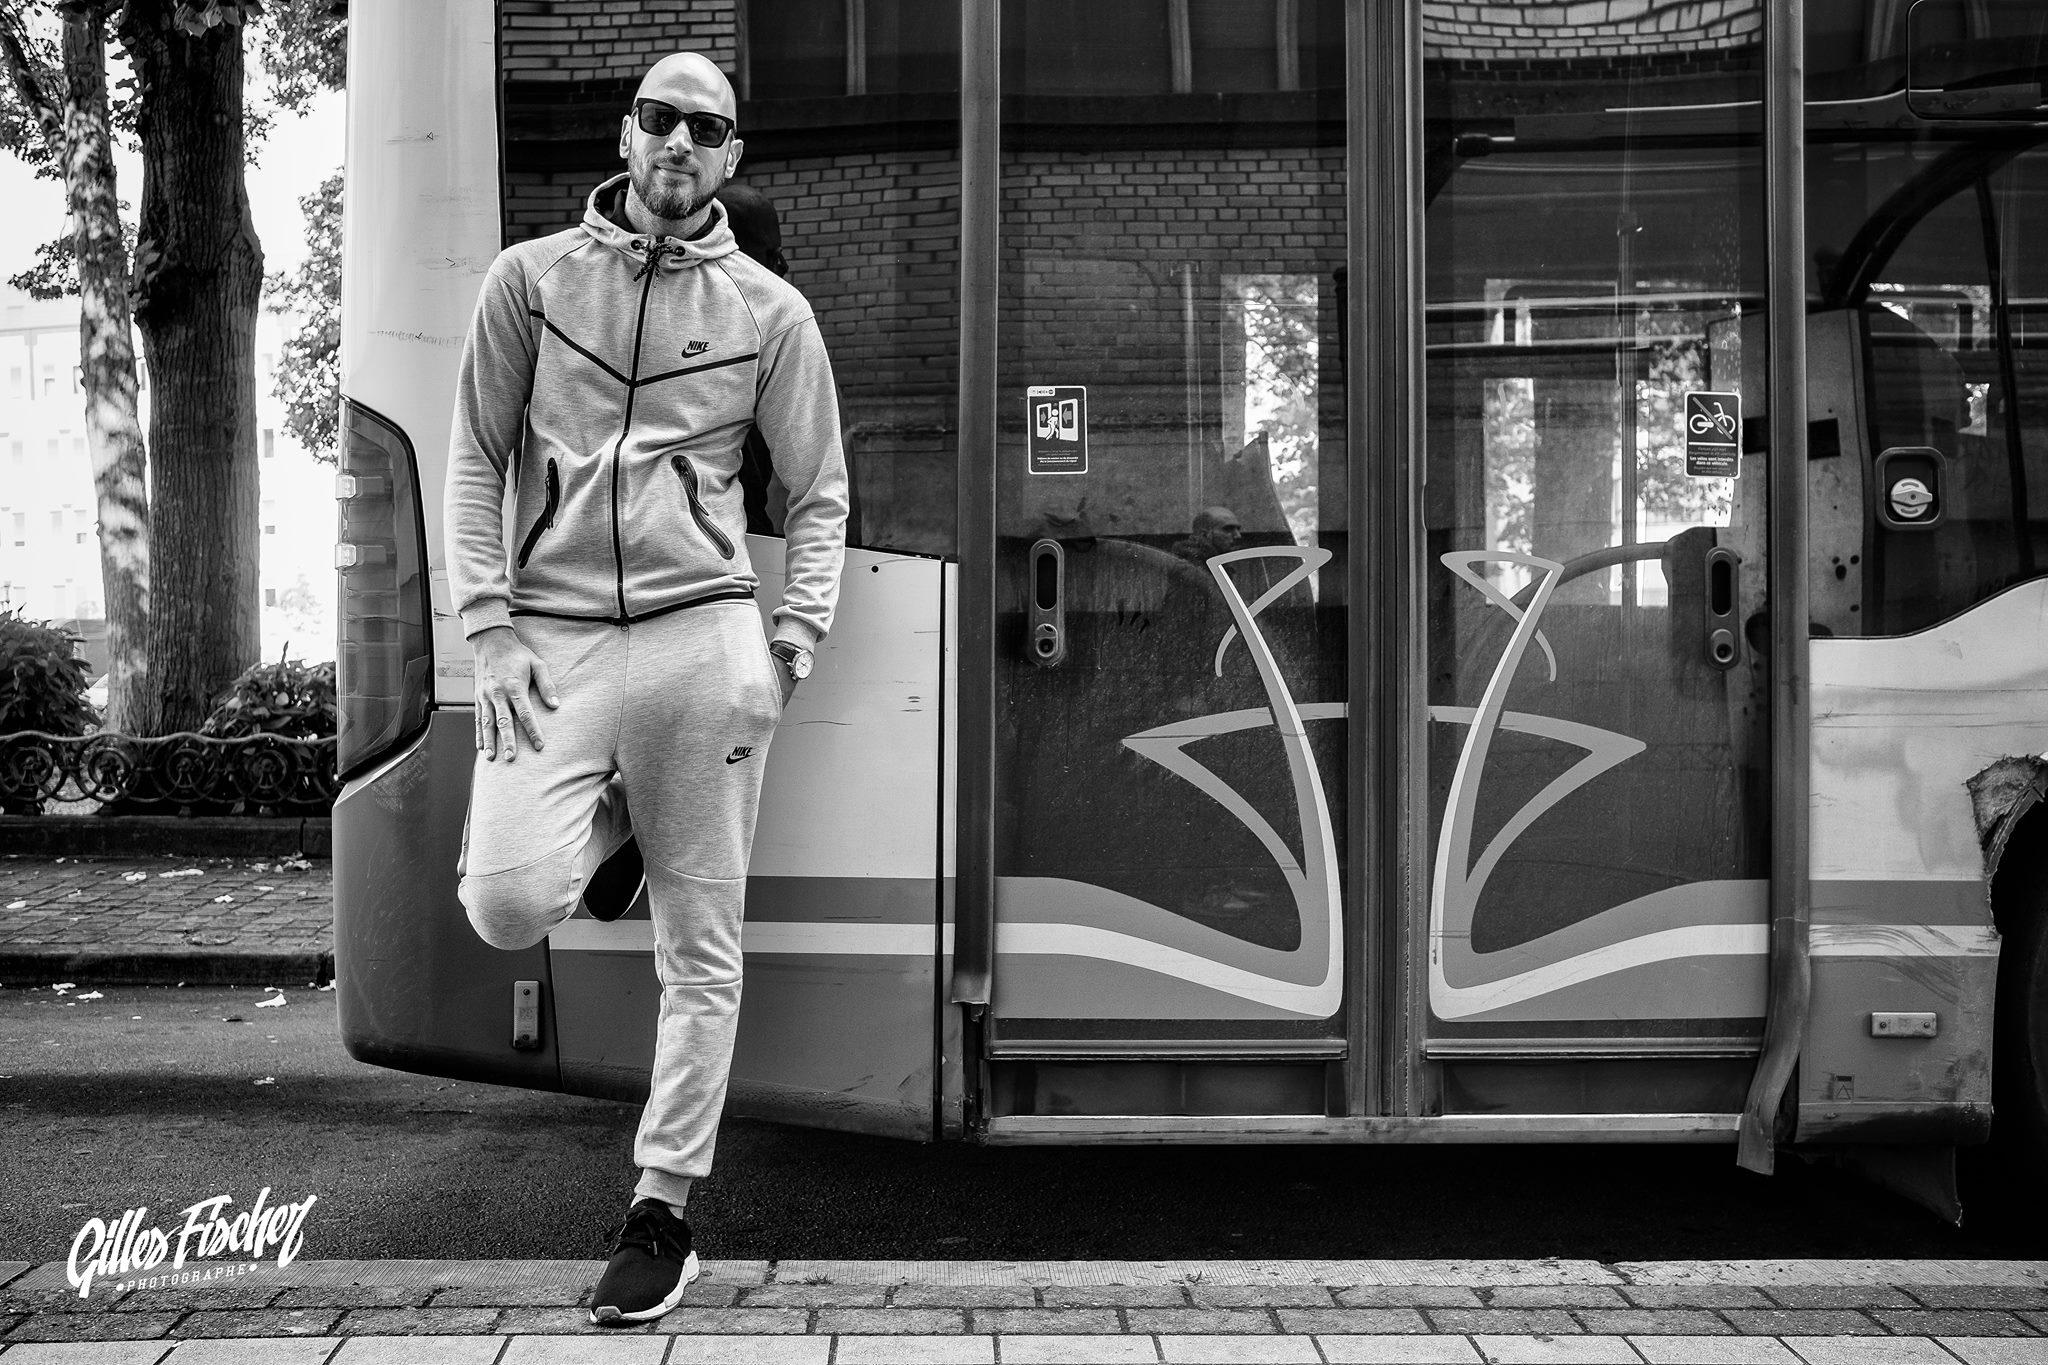 Richting hip-hop: onmiddellijk vertrek